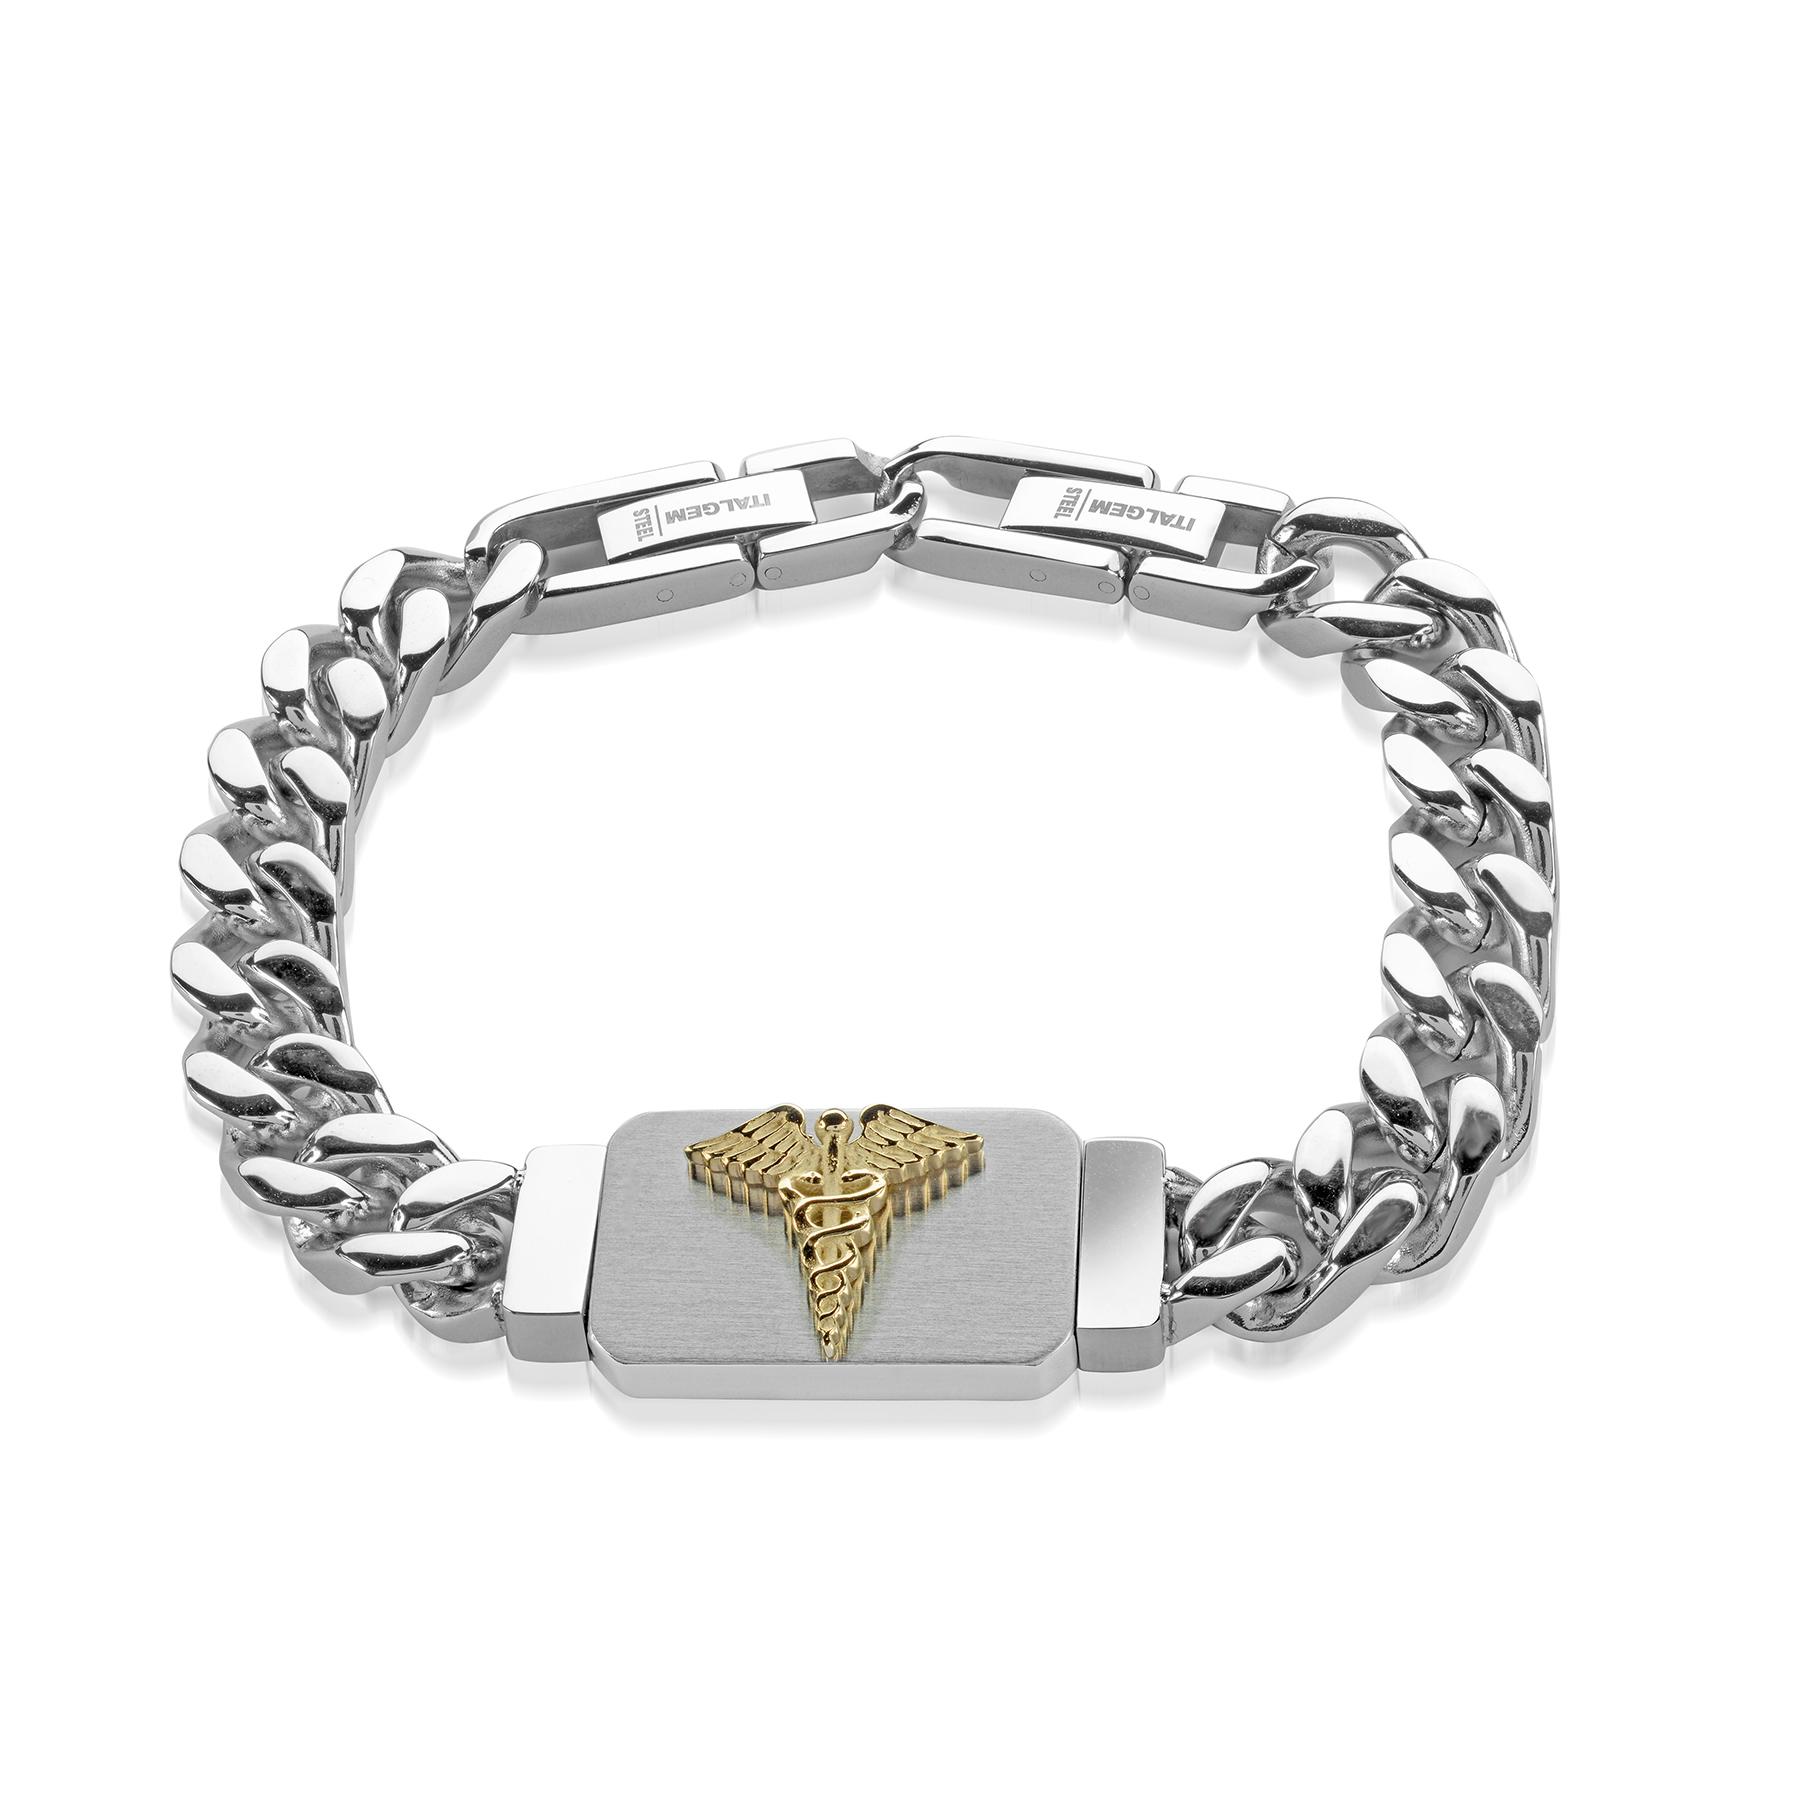 8.5'' medical bracelet - Stainless steel